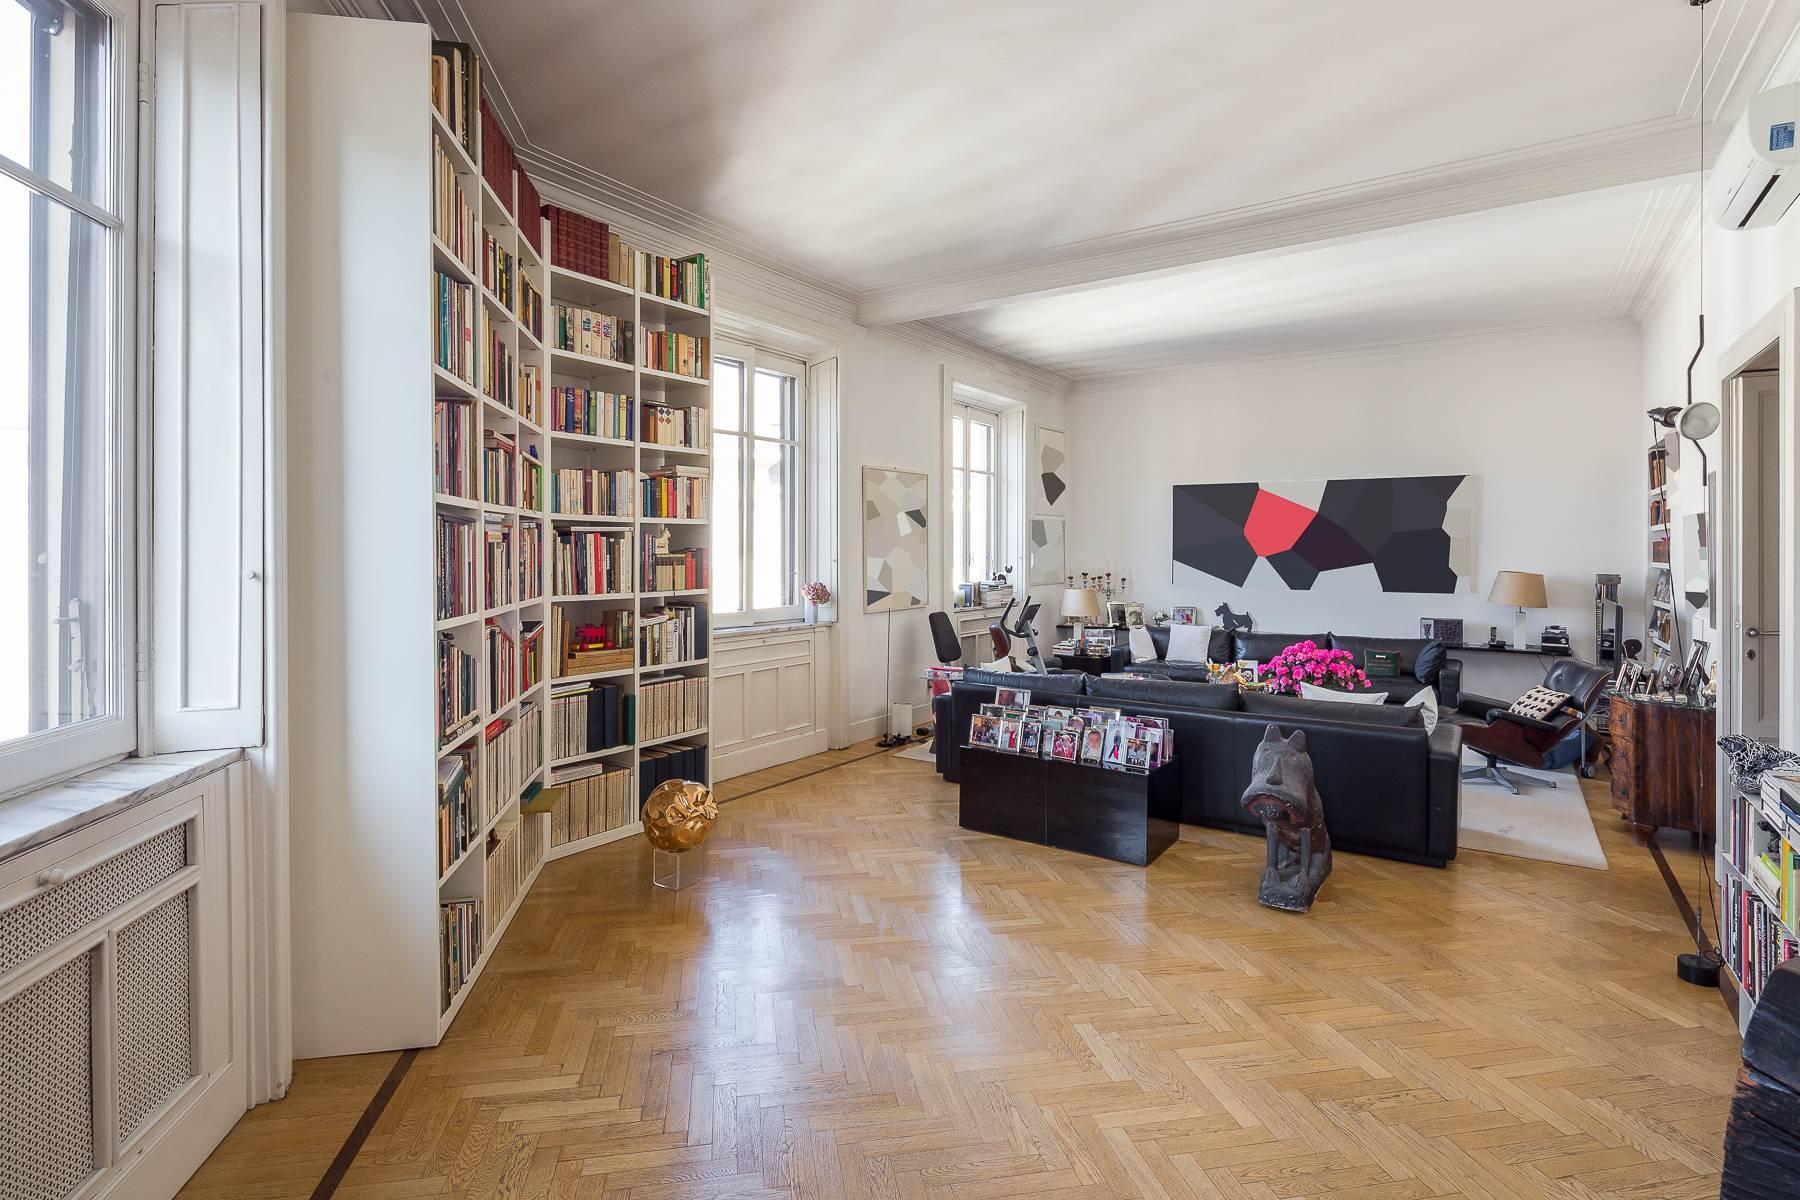 Appartamento esclusivo di 200 mq in nuda proprietà in un palazzo d'epoca - 23